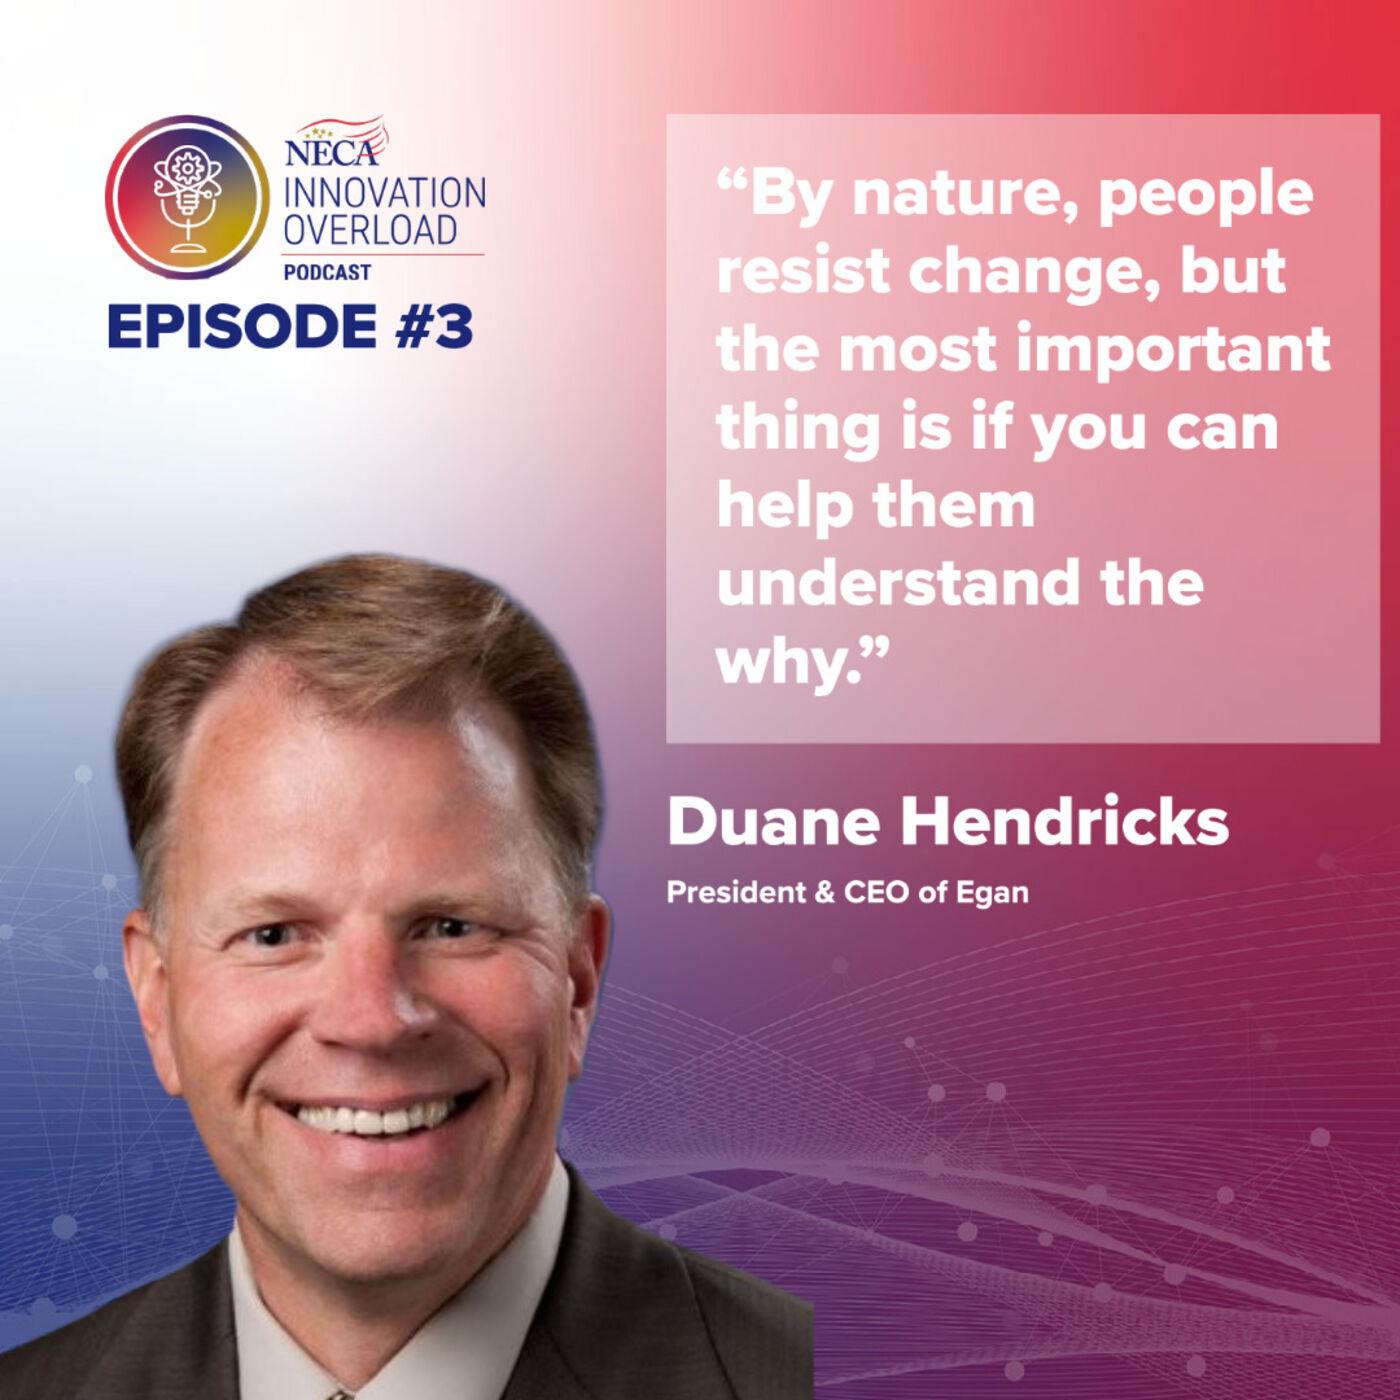 #3 - Duane Hendricks